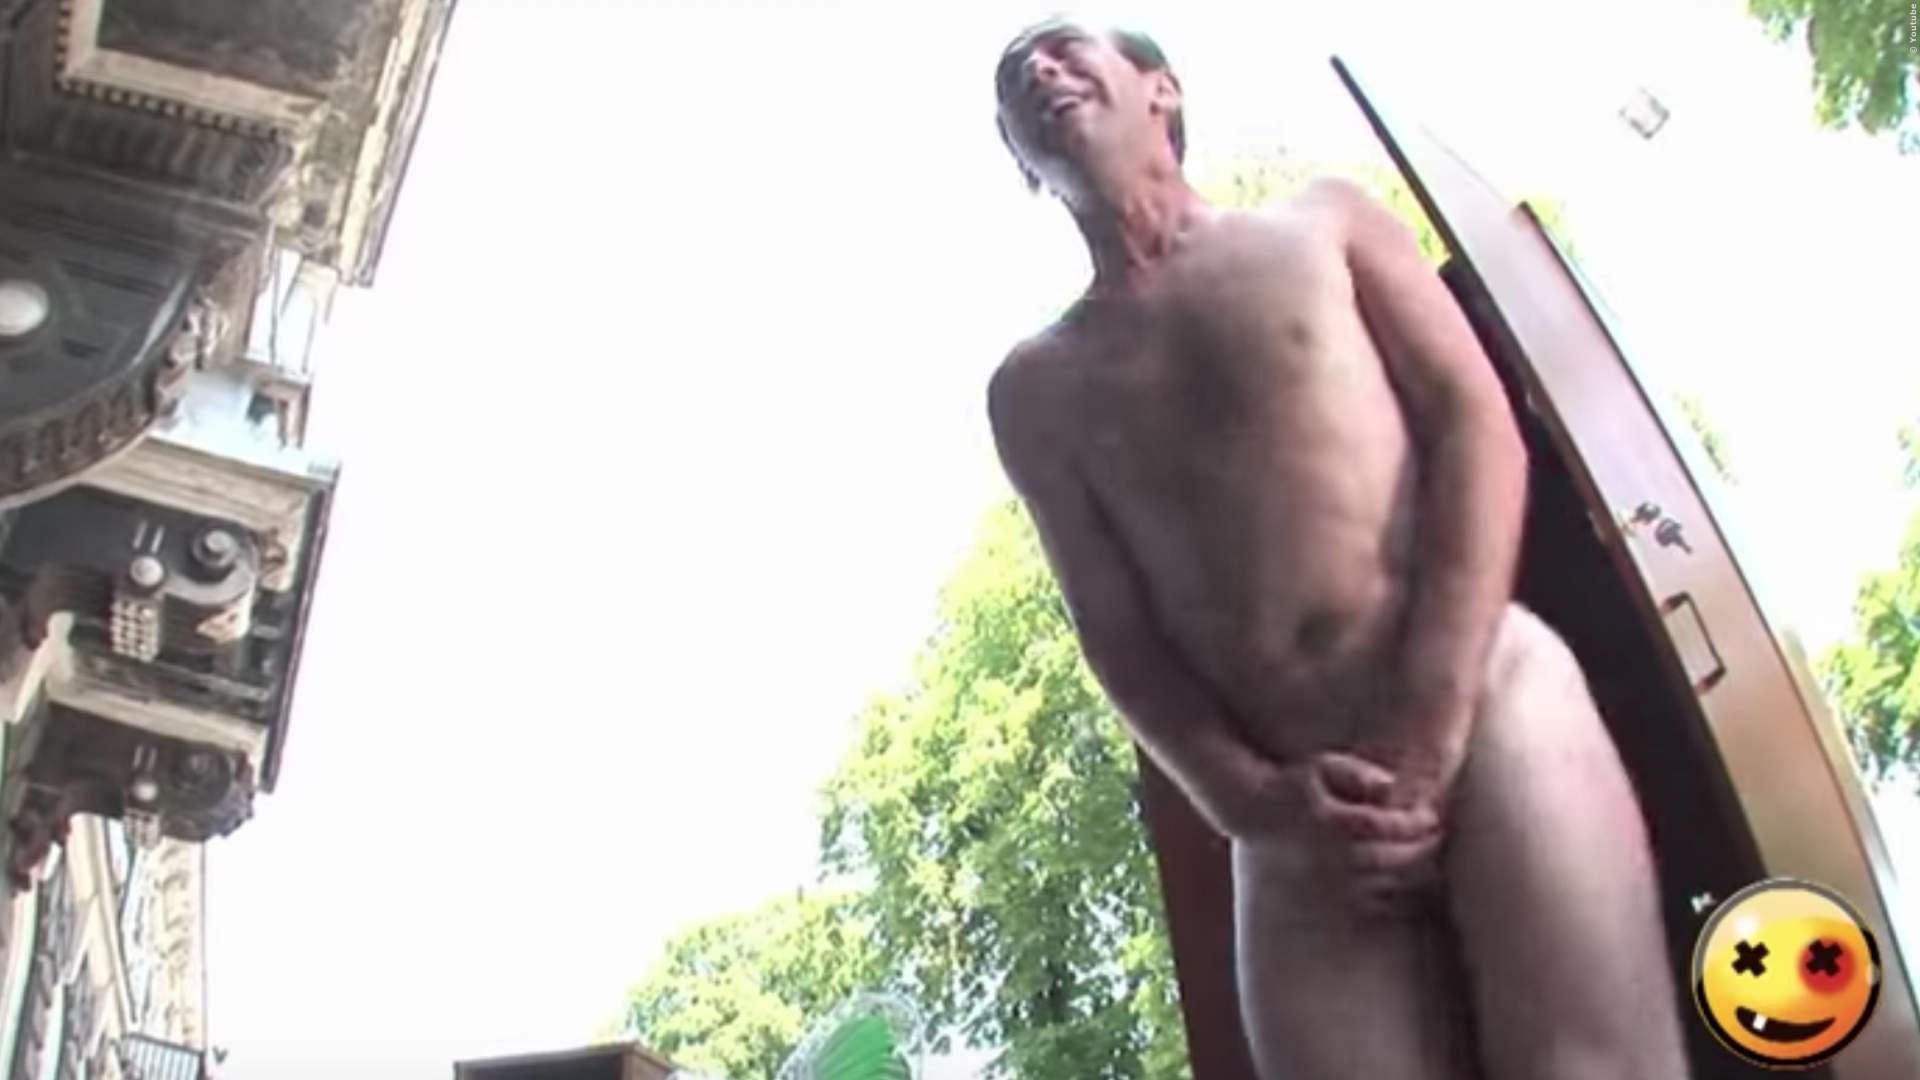 VIDEO: Nackter Mann im Schrank erschreckt Menschen - zu lustig!